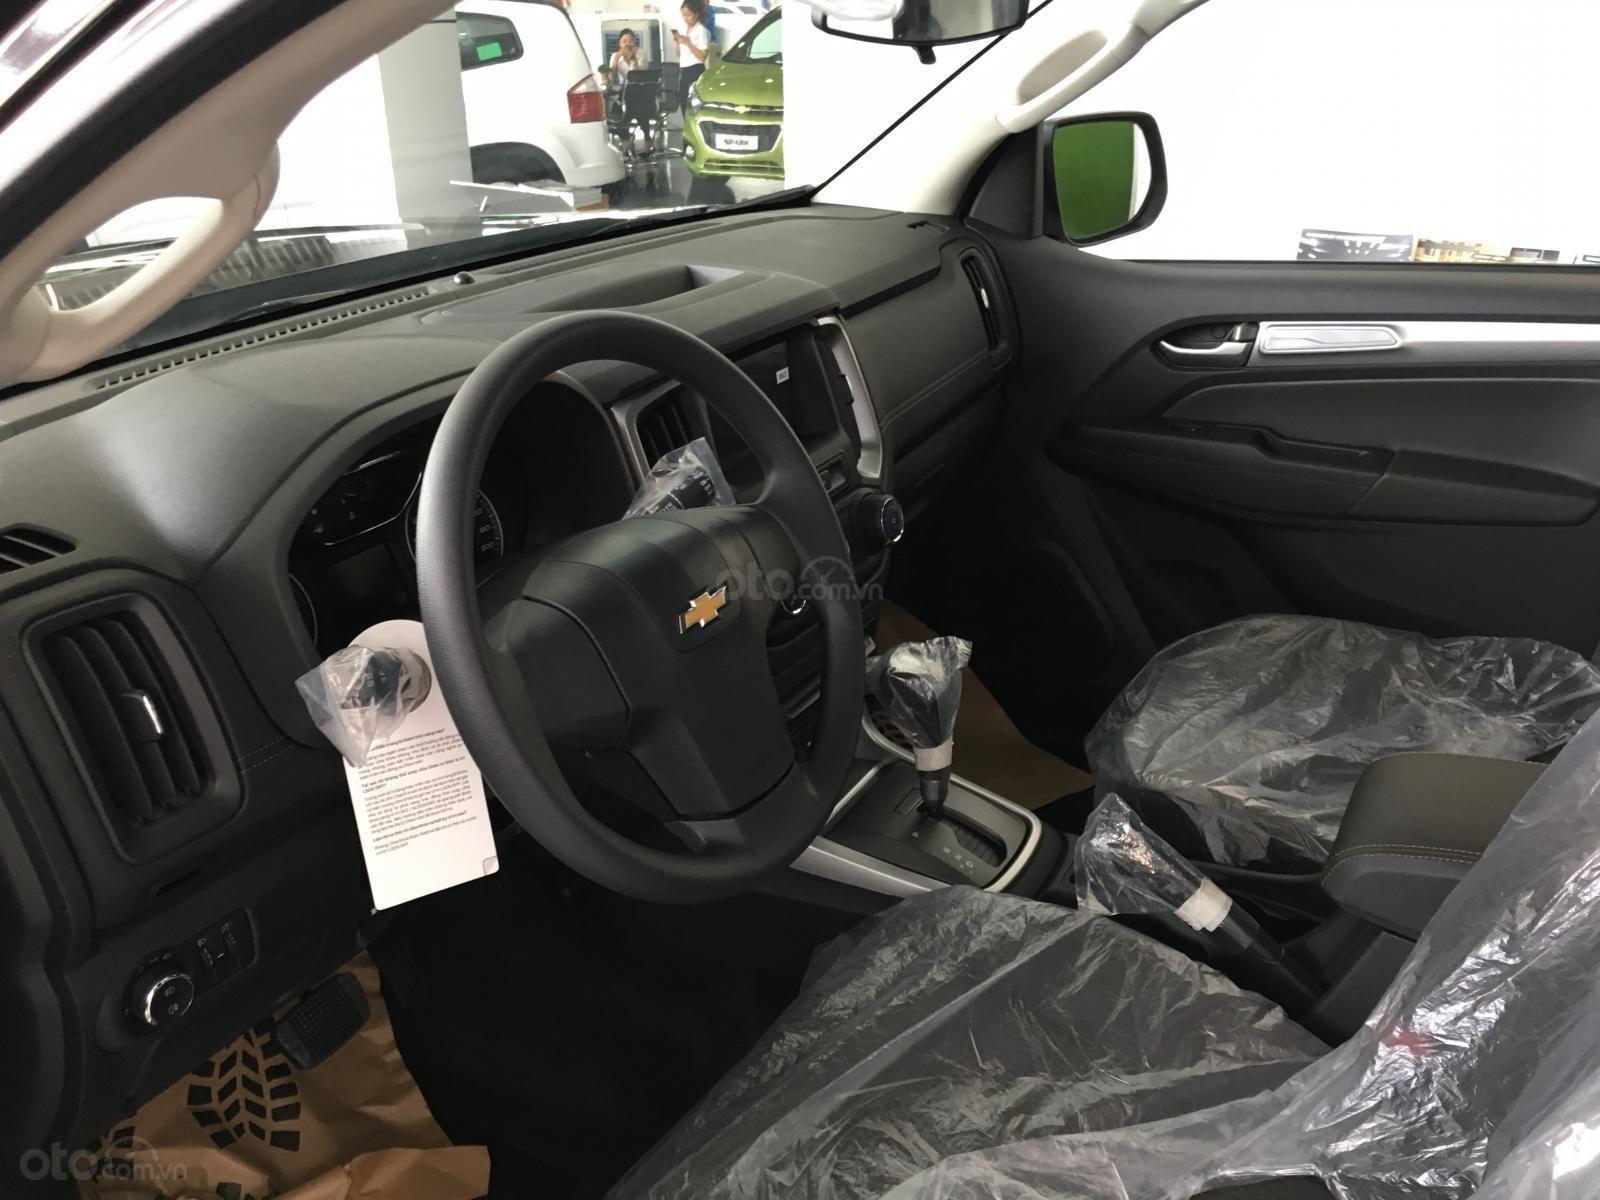 Chevrolet Trailblazer ưu đãi đến 100 triệu đồng, hỗ trợ vay trả góp (11)